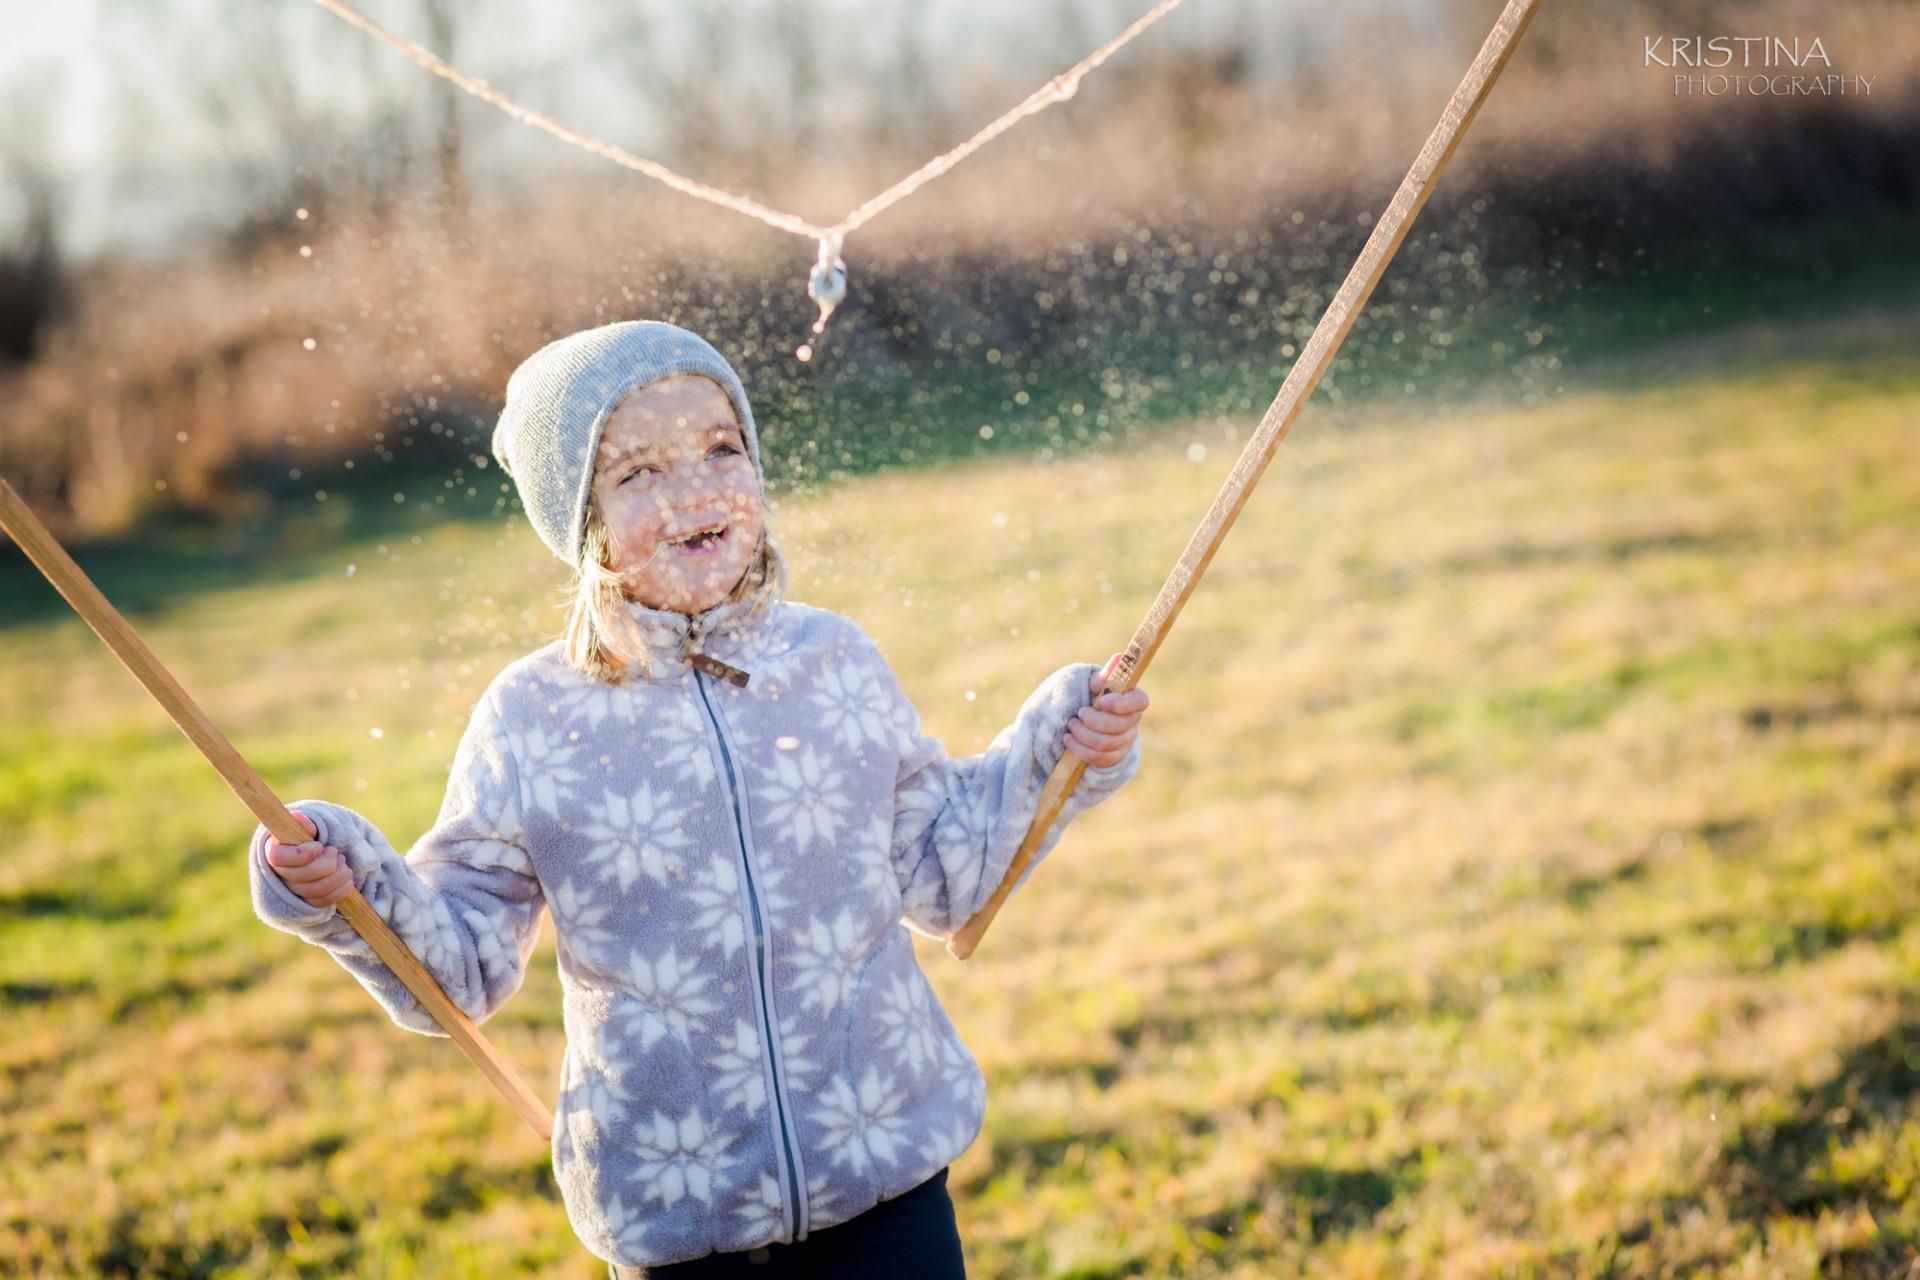 #детска фотография (26)